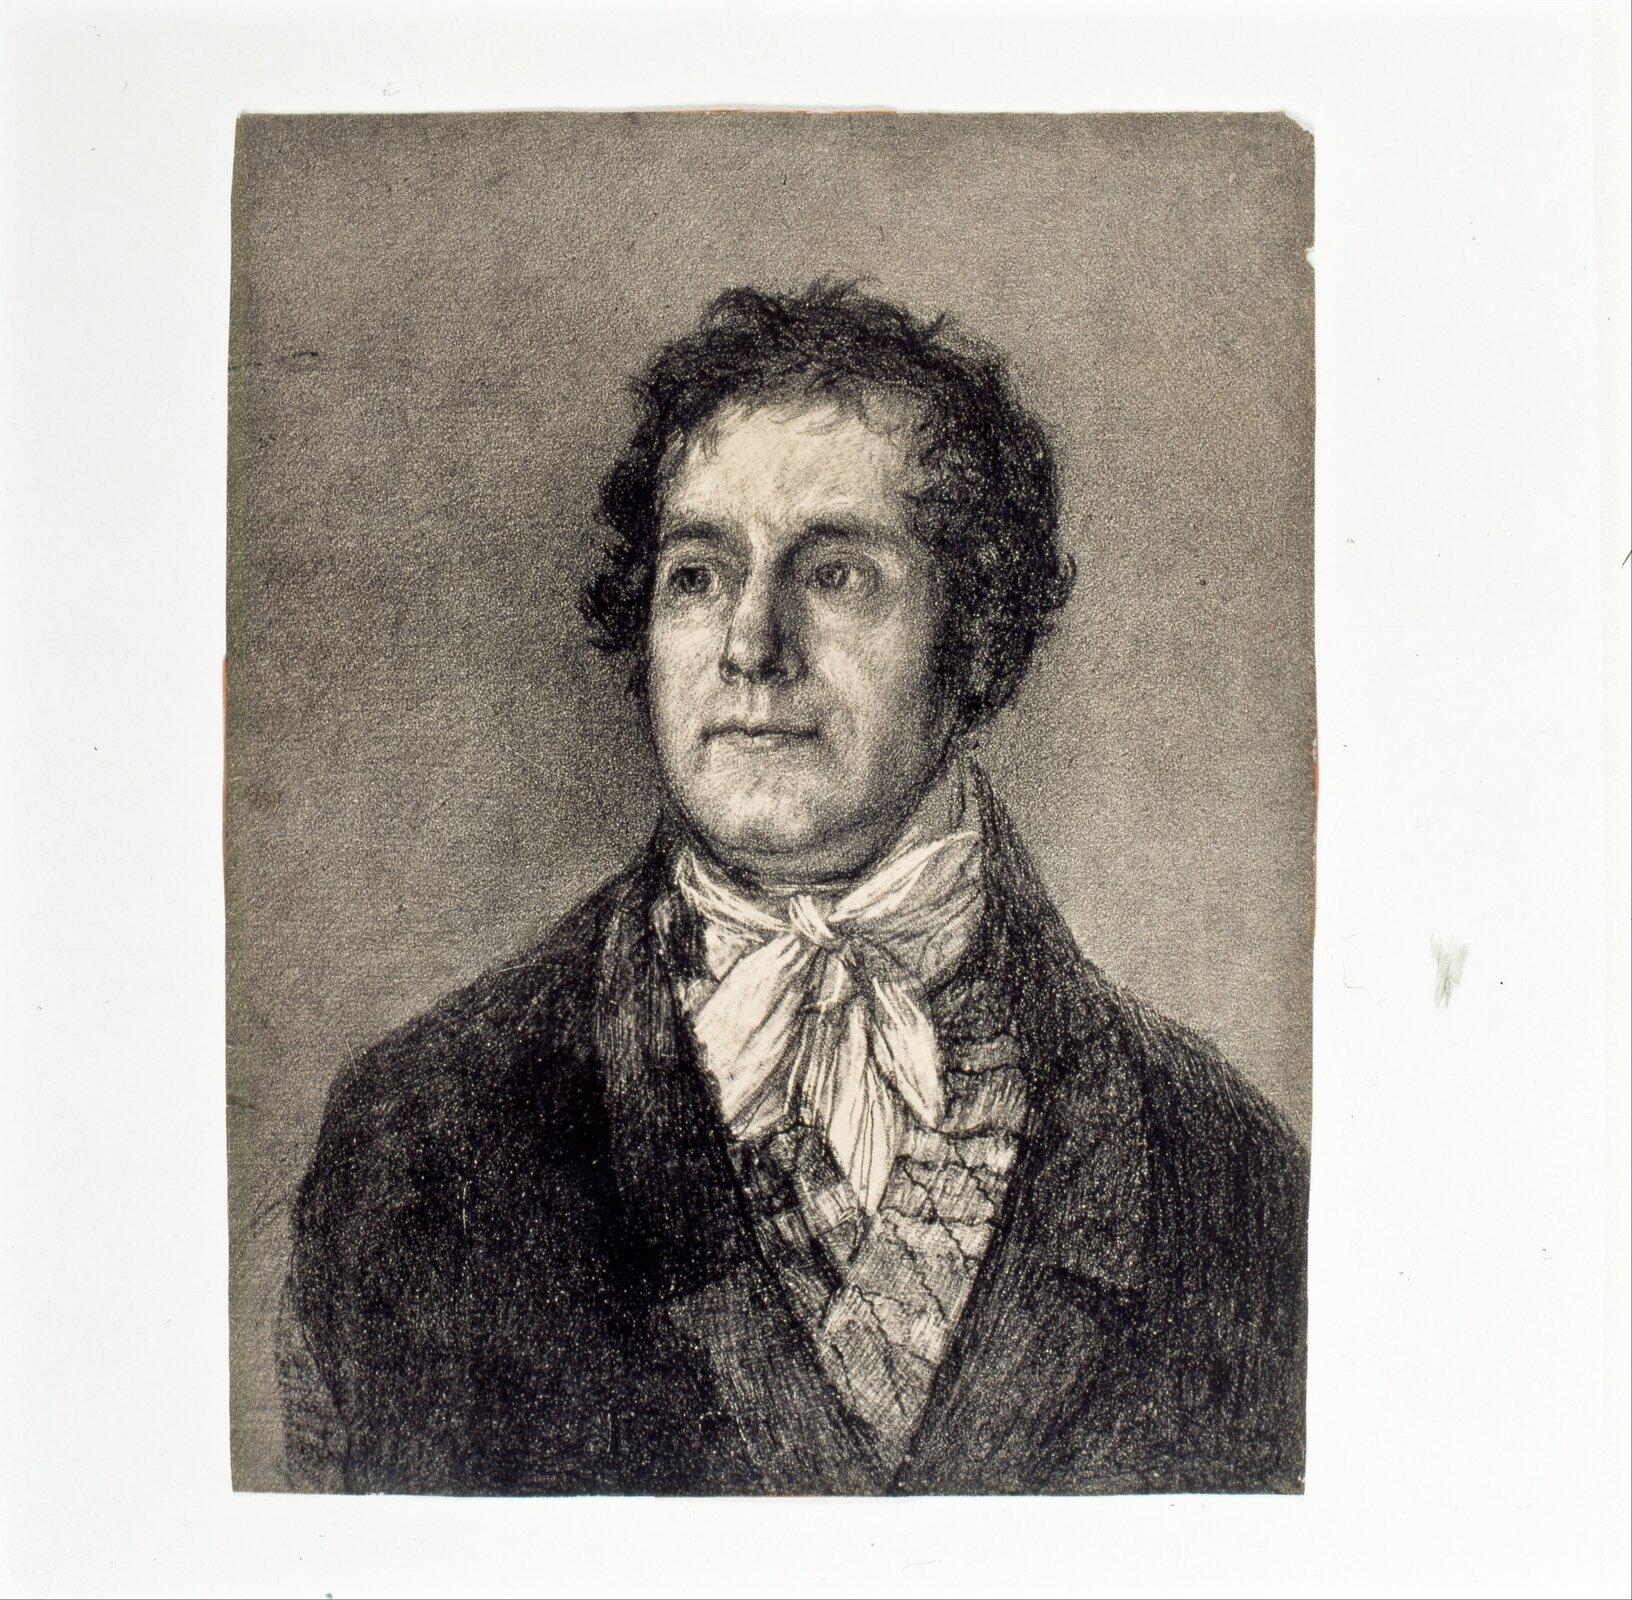 """Ilustracja przedstawia grafikę """"Drukarz Galon"""" autorstwa Francisca Goi. Dzieło ukazuje portret mężczyzny wśrednim wieku, ubranego wciemny płaszcz, kamizelkę oraz białą koszulę. Pod brodą zawiązany ma biały halsztuk (rodzaj chusty). Delikatnie uśmiechnięta postać okrótkich, kręconych włosach, spogląda wlewą stronę. Grafika wykonana jest na szarym papierze za pomocą drobnych ciemnych kresek. Jasne partie ubioru oraz światło układające się na twarzy modela zostały podkreślone za pomocą białej farby drukarskiej. Dzieło skomponowane jest statycznie, postać znajduje się wjego centrum."""